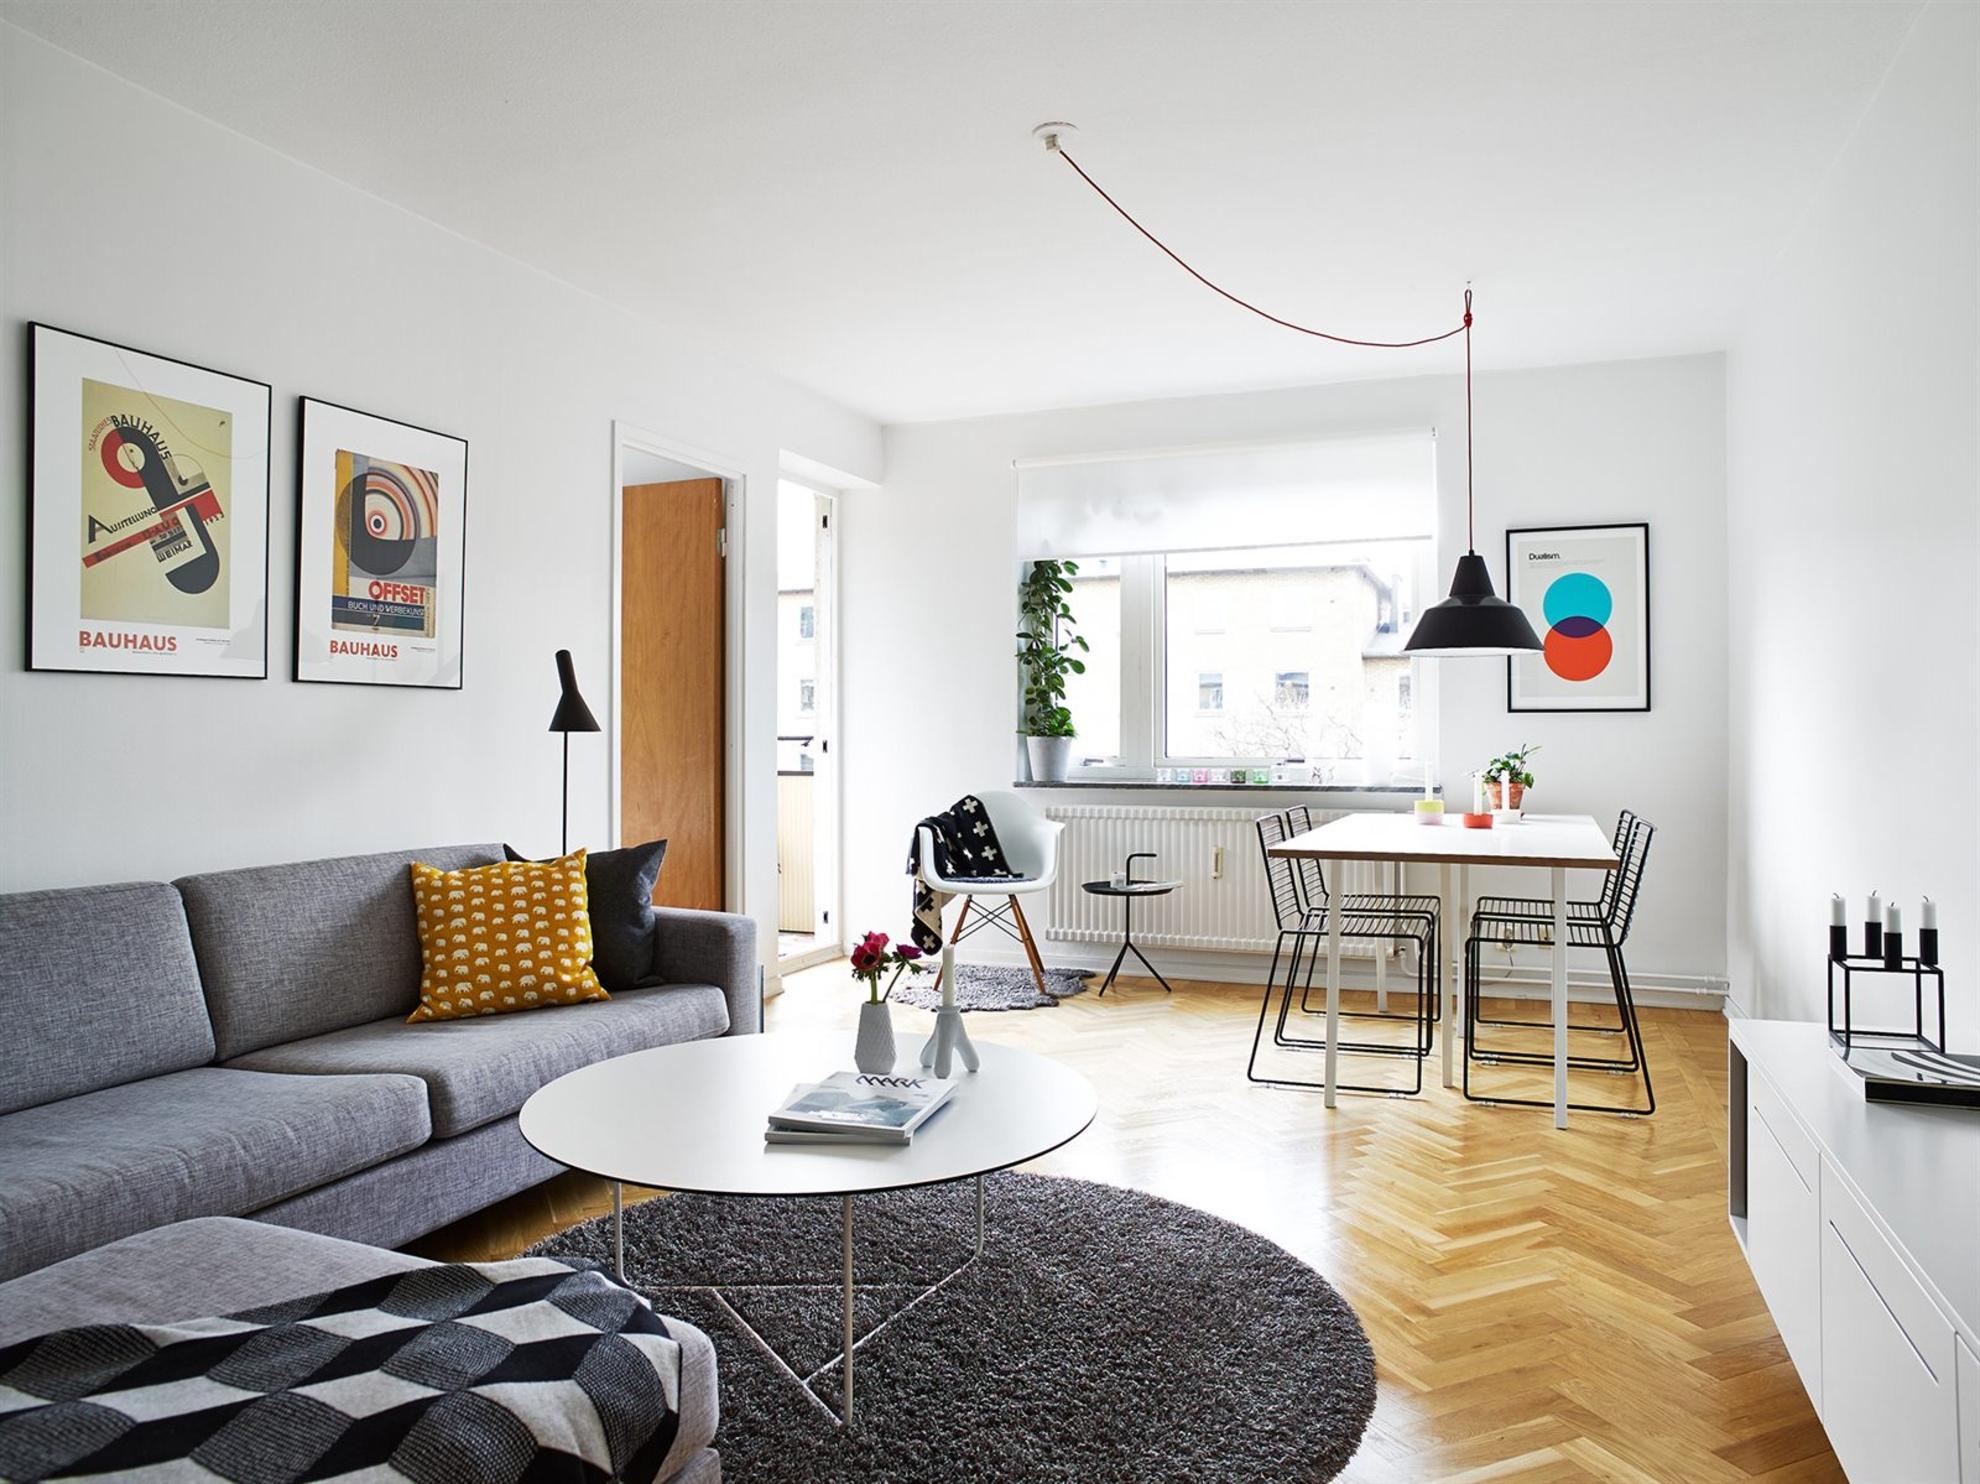 Muebles ligeros para ganar espacio visual blog tienda decoraci n estilo n rdico delikatissen - Decoracion para salon ...